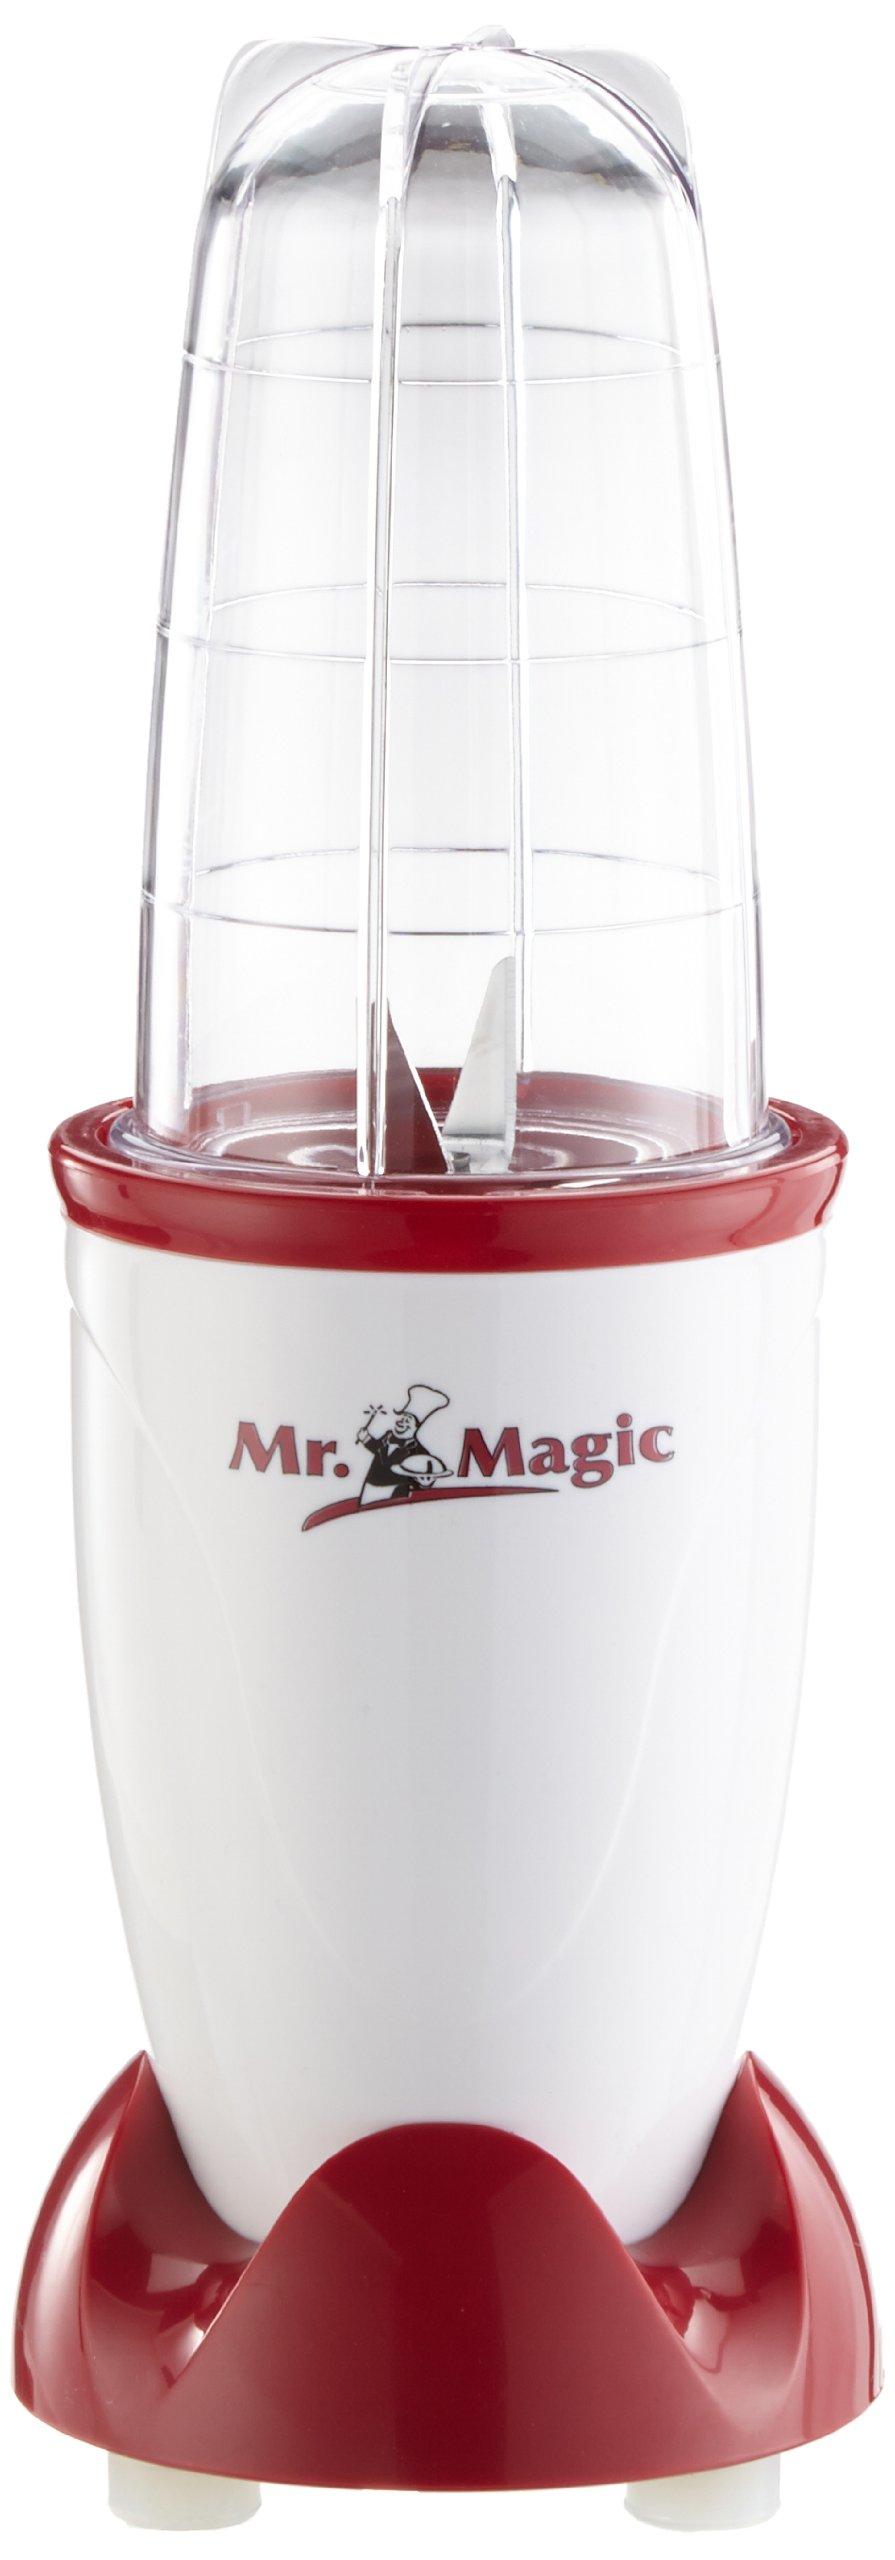 TV-Das-Original-03531-Mr-Magic-Set-Smoothiemaker-rotwei